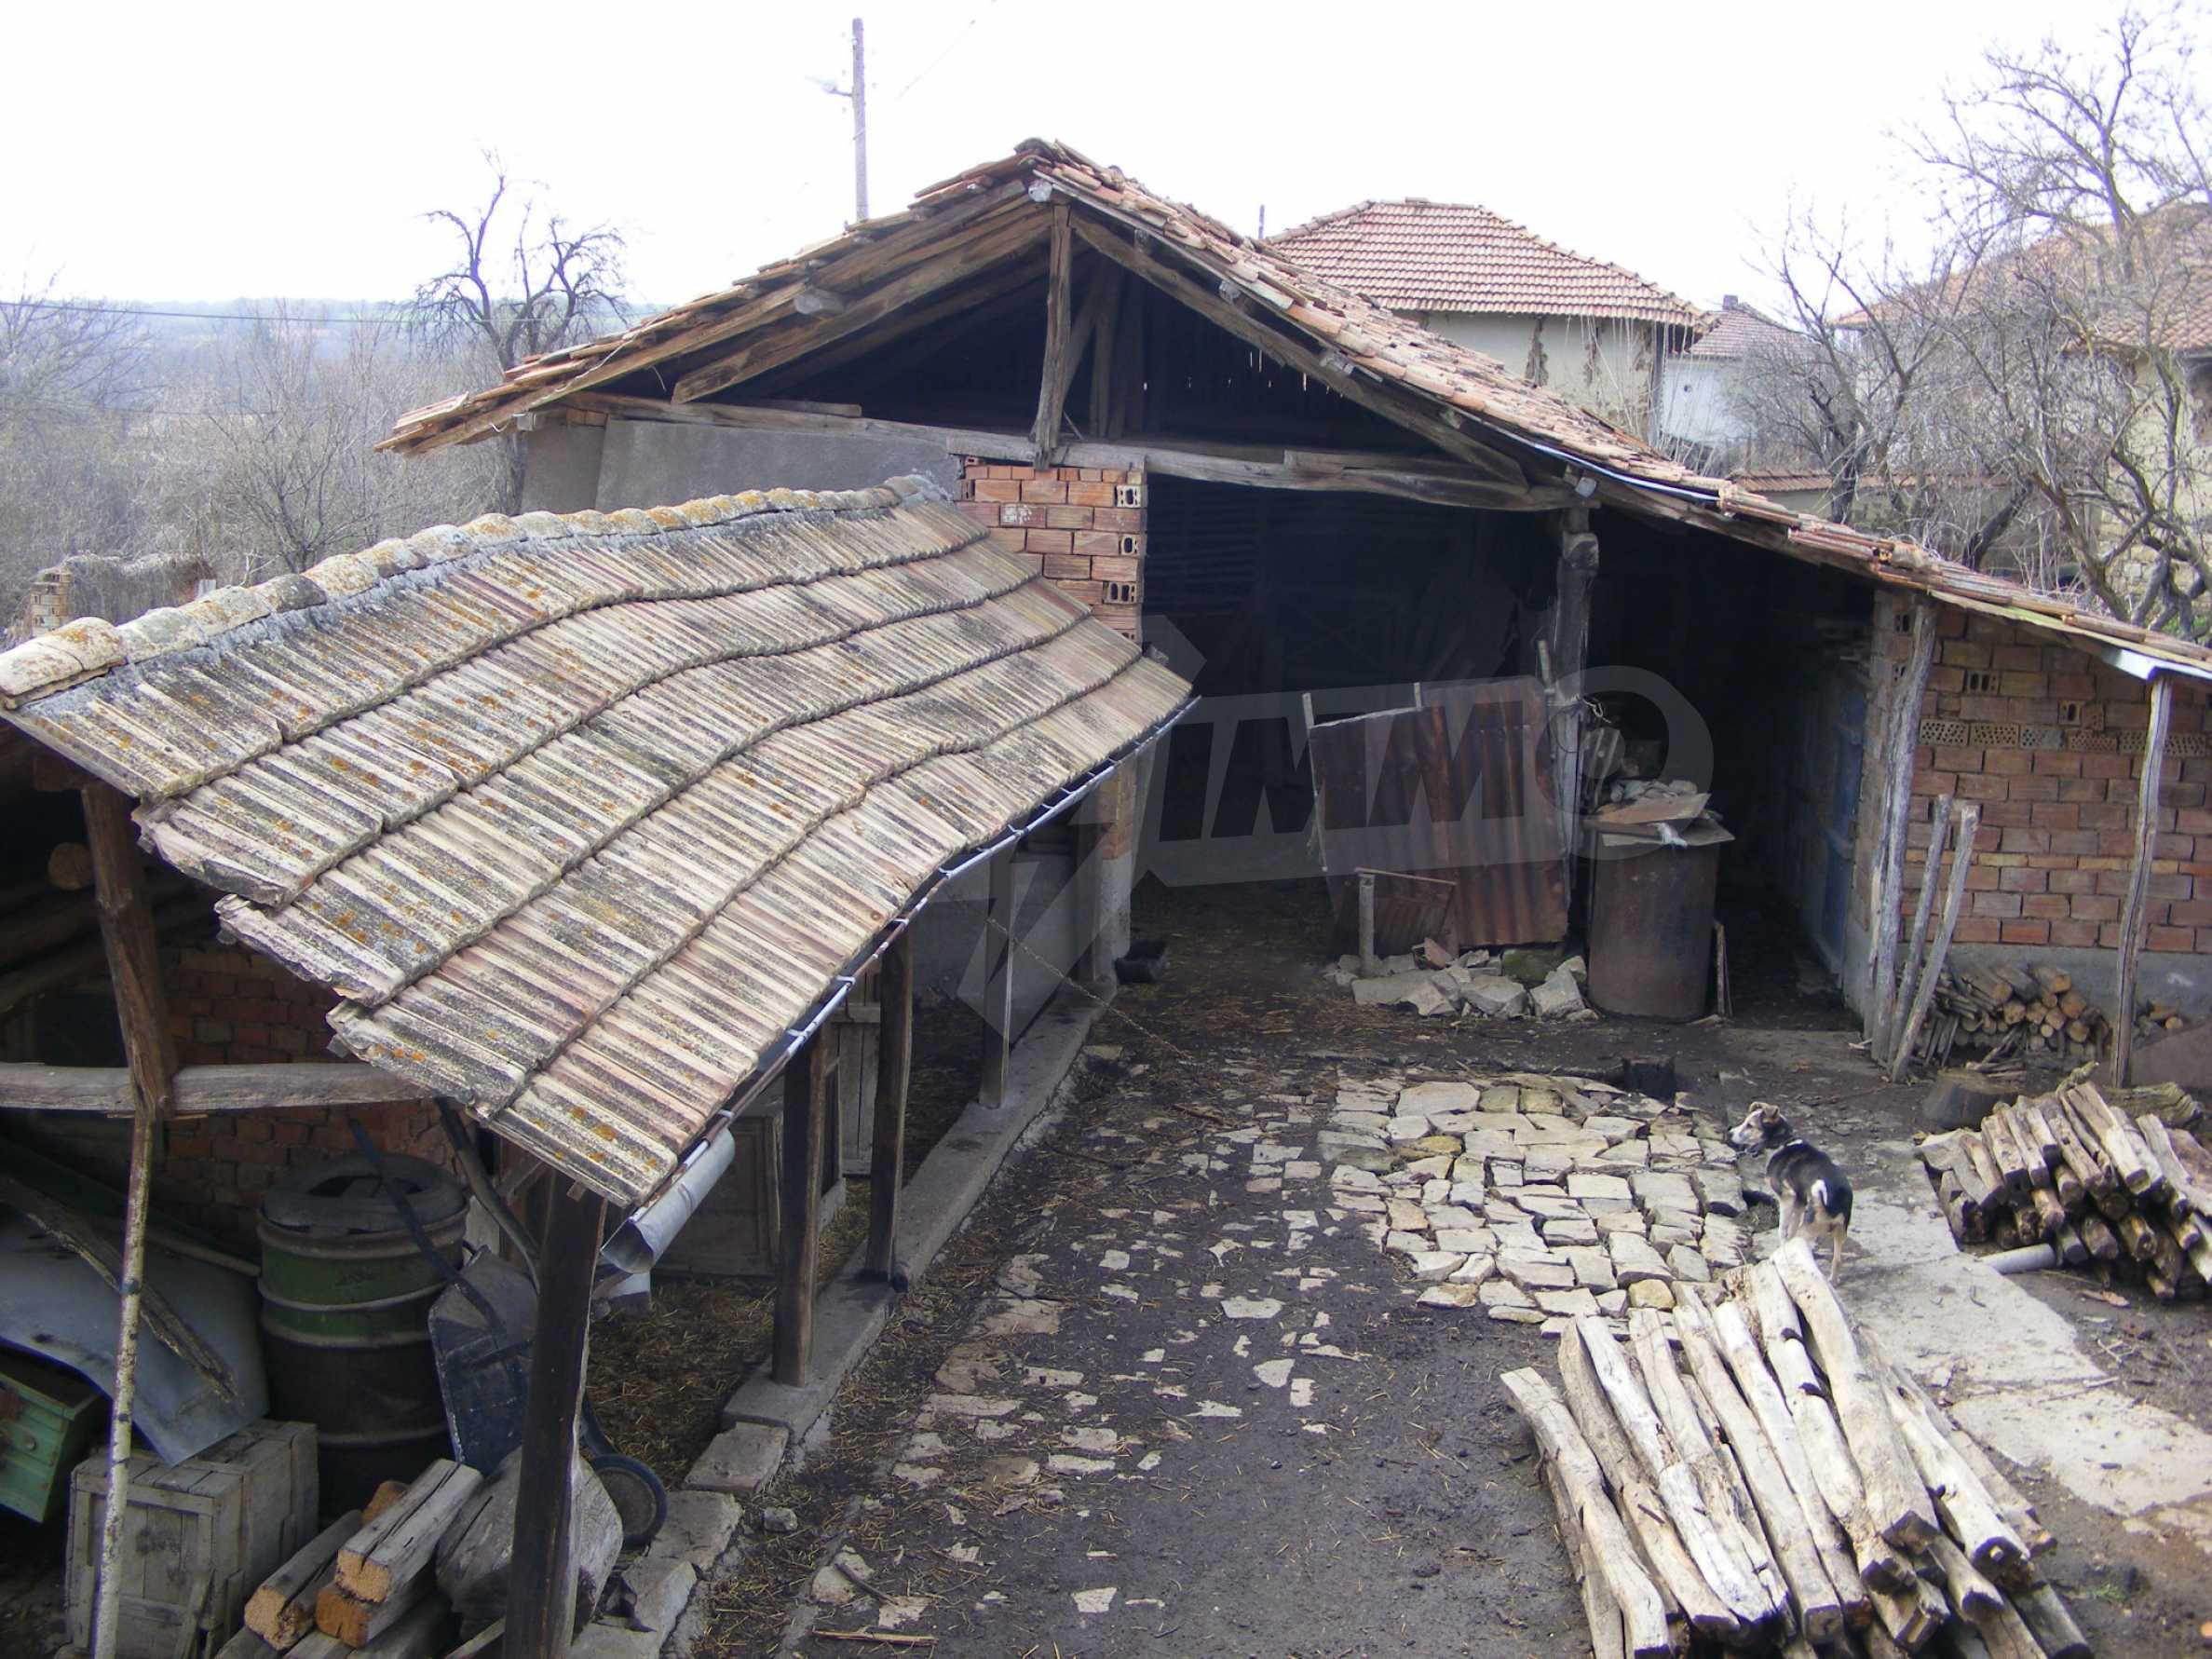 Großes zweistöckiges Backsteinhaus in einem Dorf 40 km von Veliko Tarnovo entfernt 14